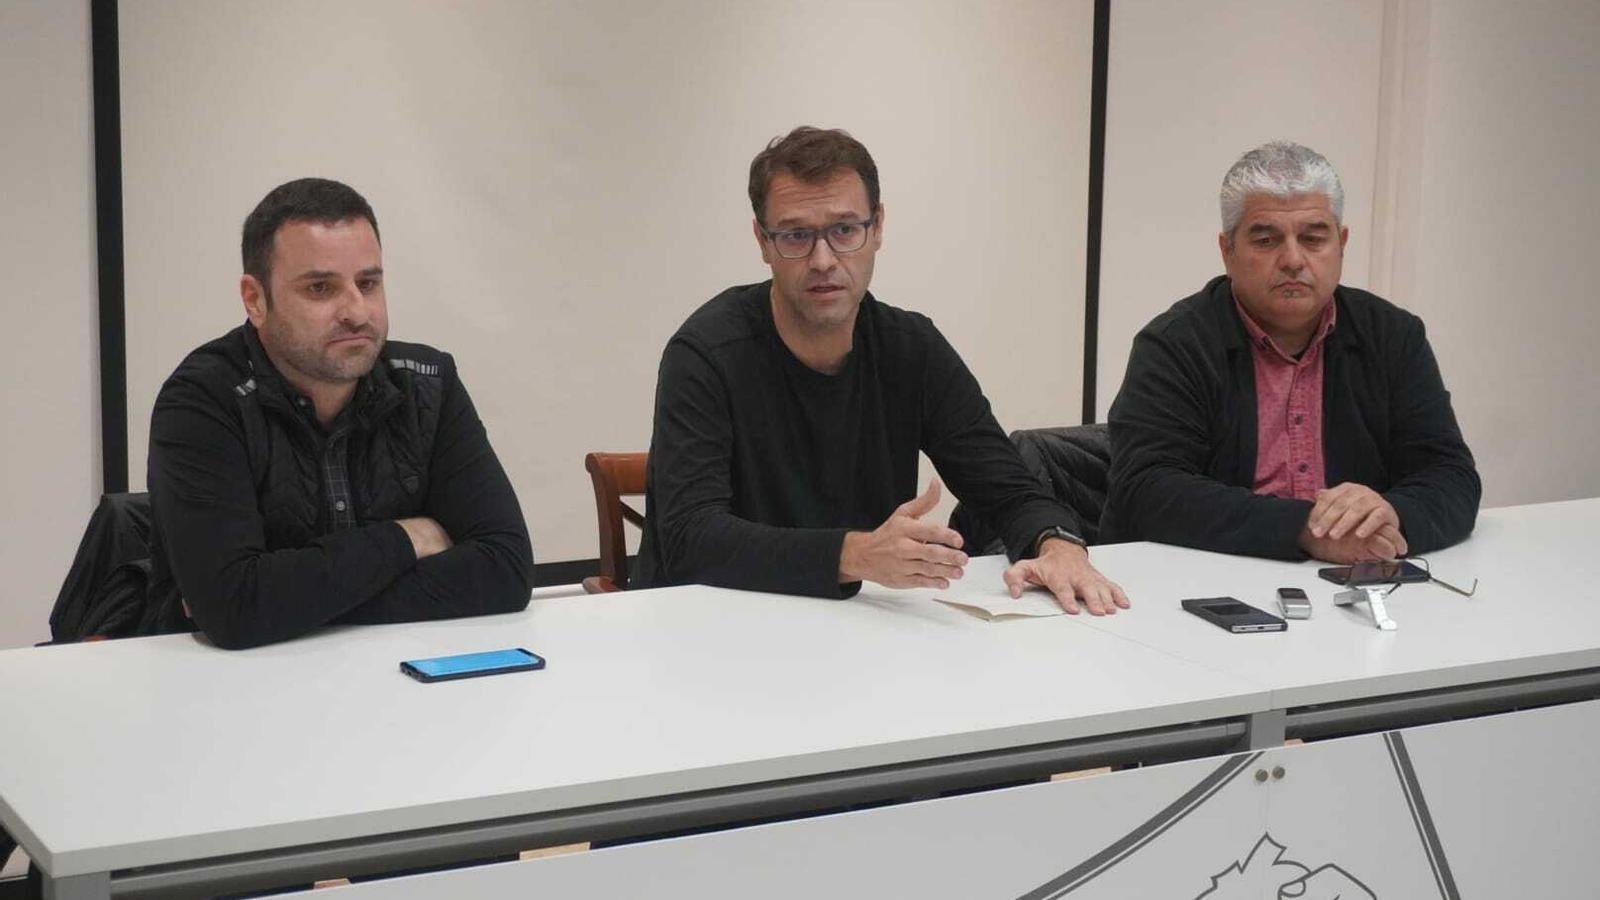 Toni Gomila, Miquel Oliver i Mateu Joan, durant la presentació del curs.